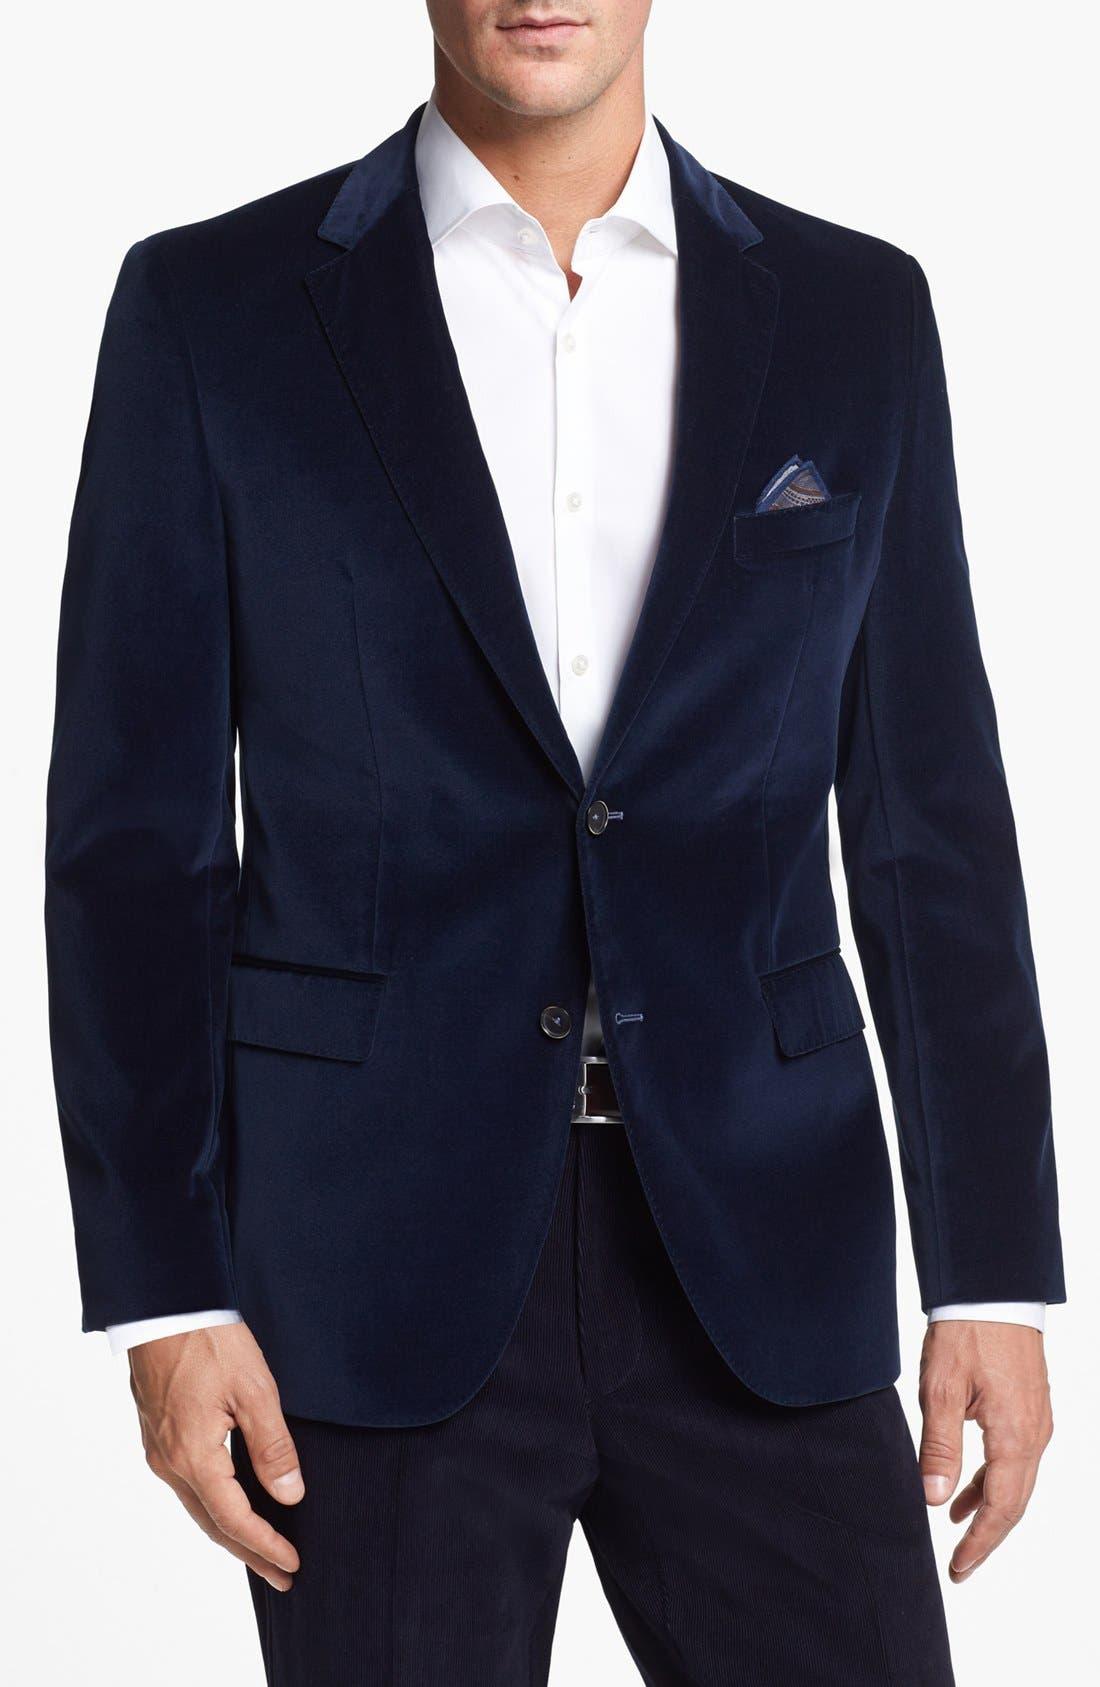 Alternate Image 1 Selected - BOSS HUGO BOSS 'The Keys' Trim Fit Velvet Blazer